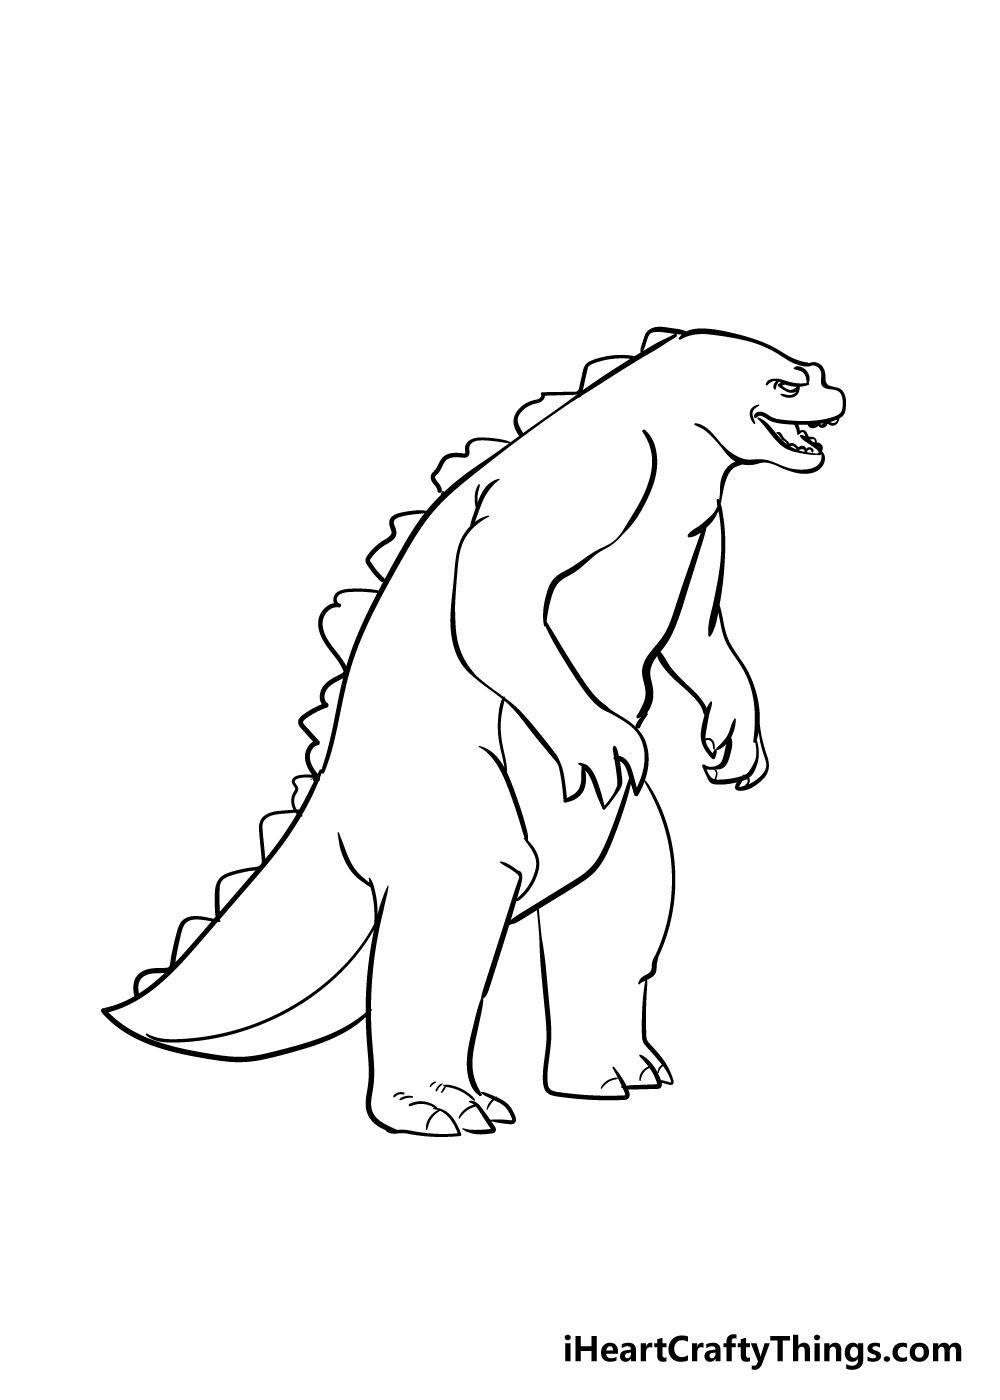 Godzilla drawing step 6